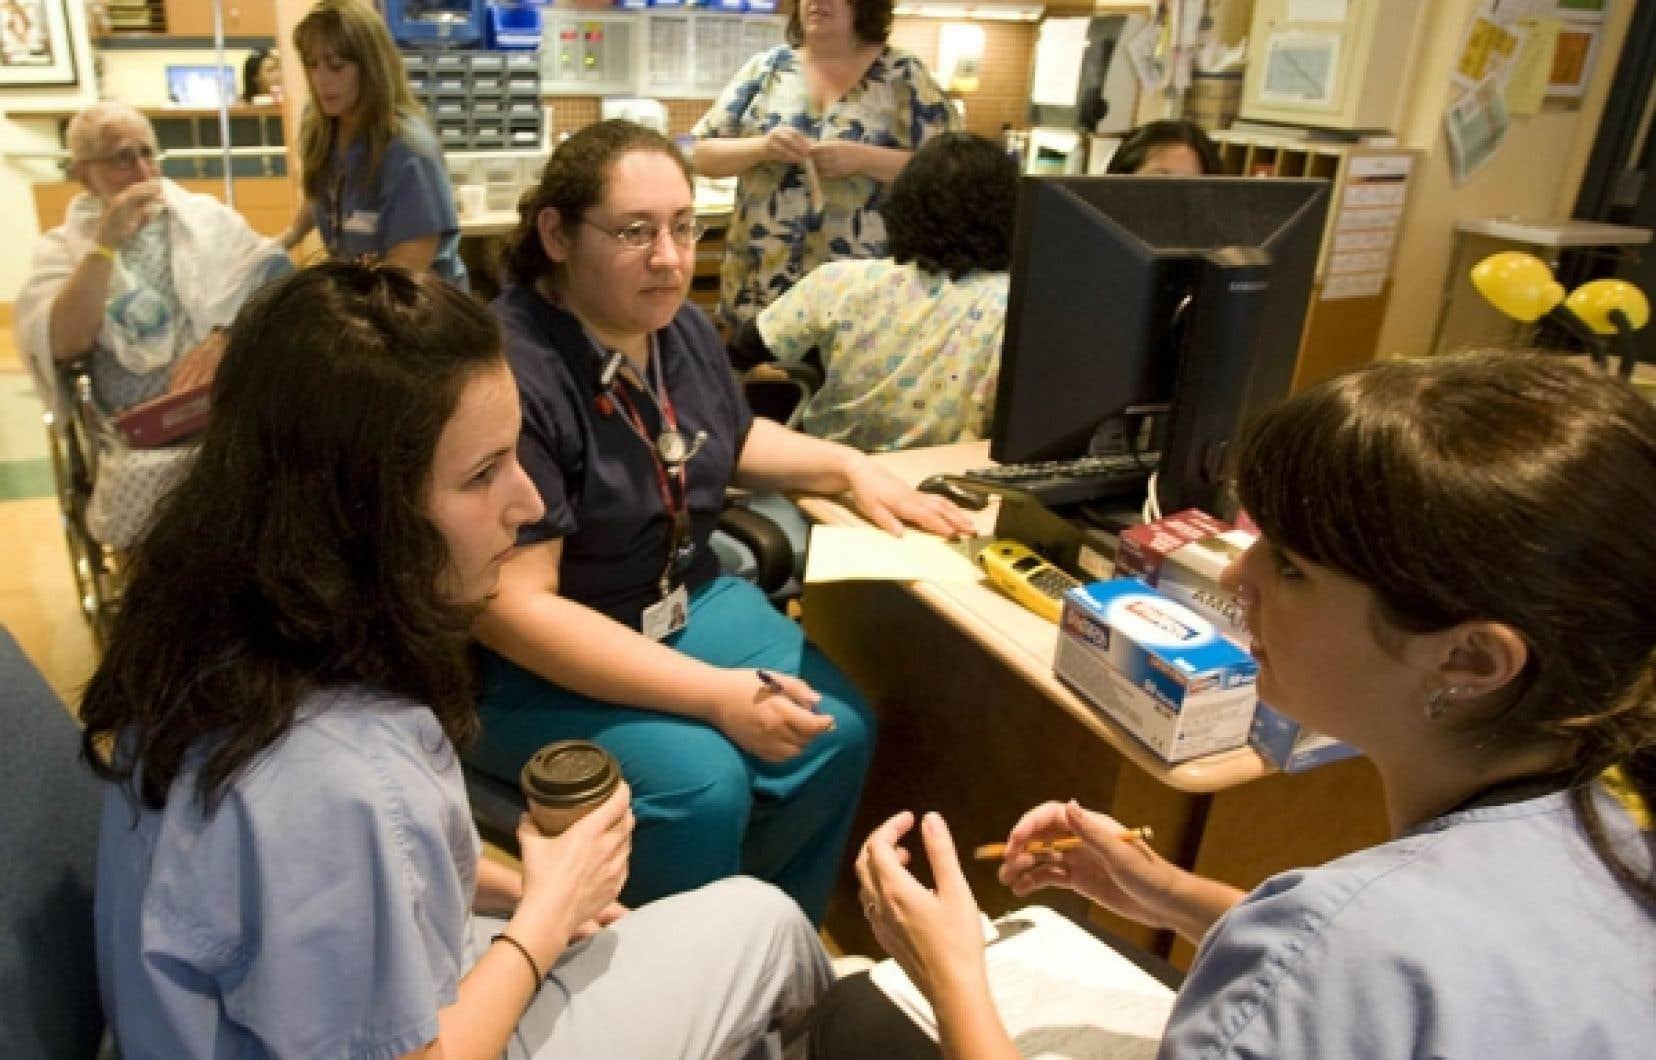 Dans les hôpitaux magnétiques, la gestion est décentralisée, le dialogue est érigé en système et le patient est placé au centre de toutes les décisions.